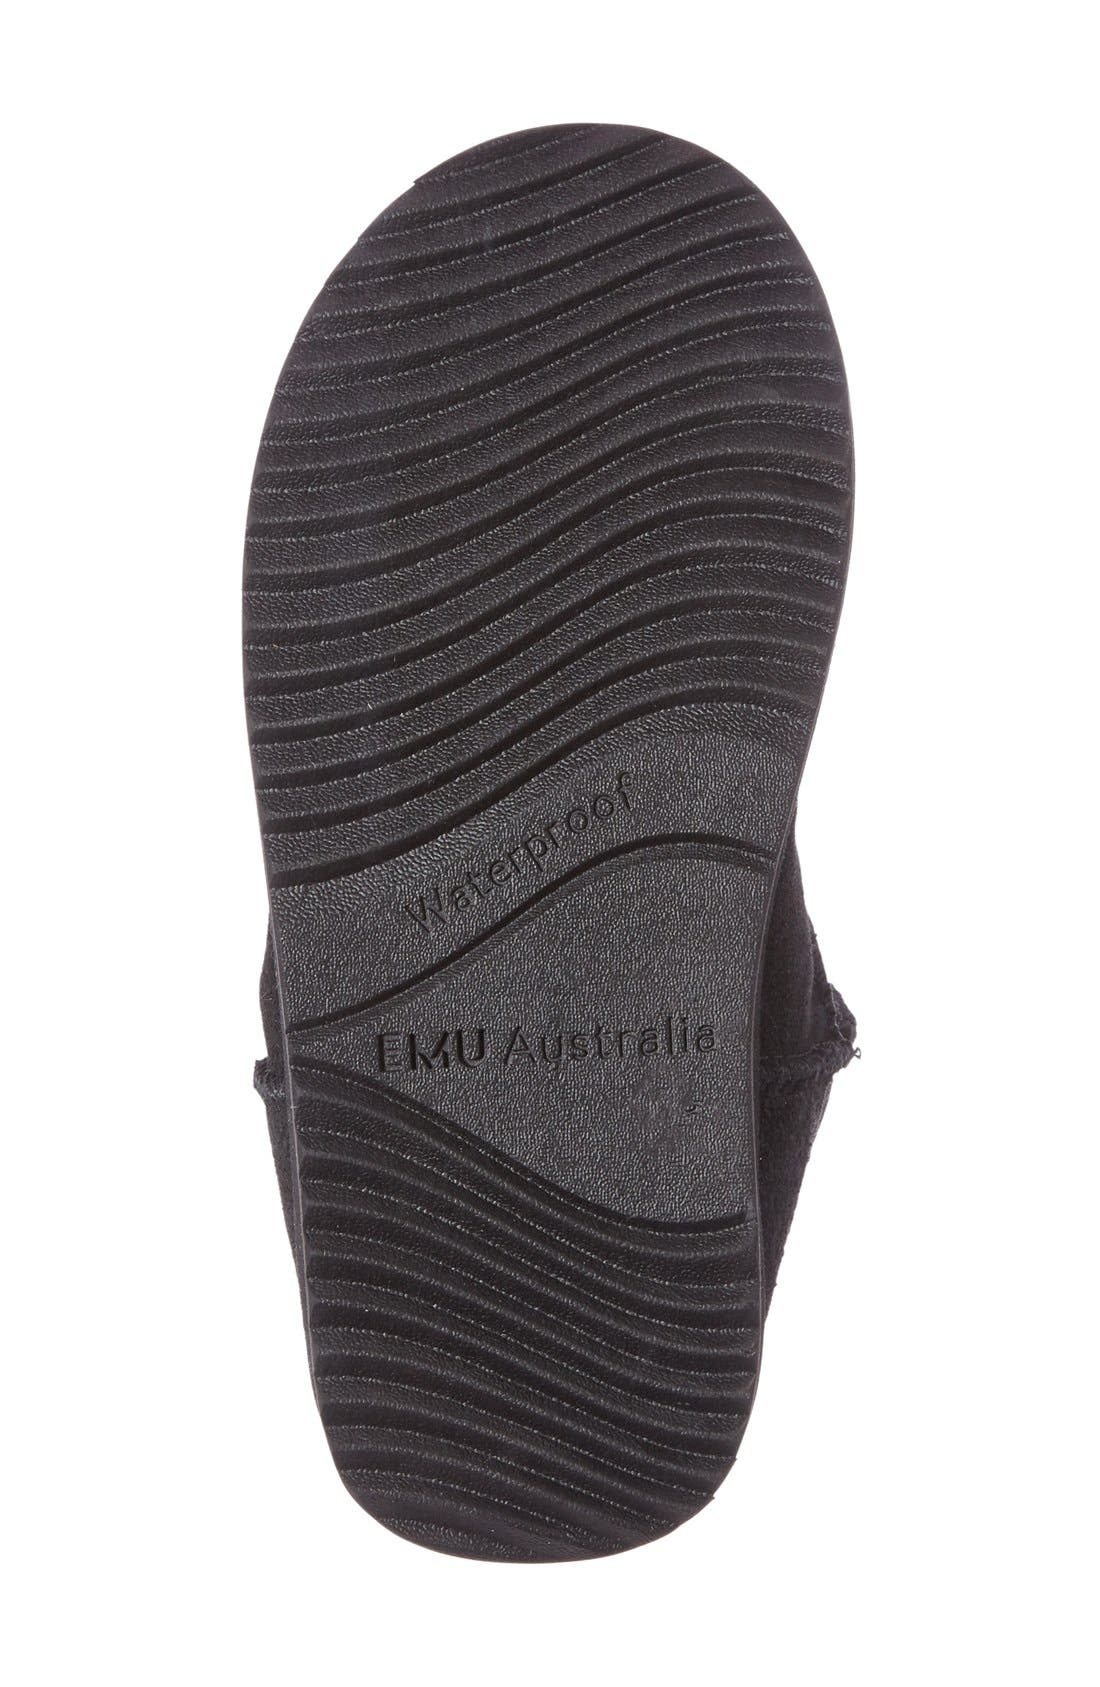 Brumby Waterproof Boot,                             Alternate thumbnail 6, color,                             BLACK SUEDE